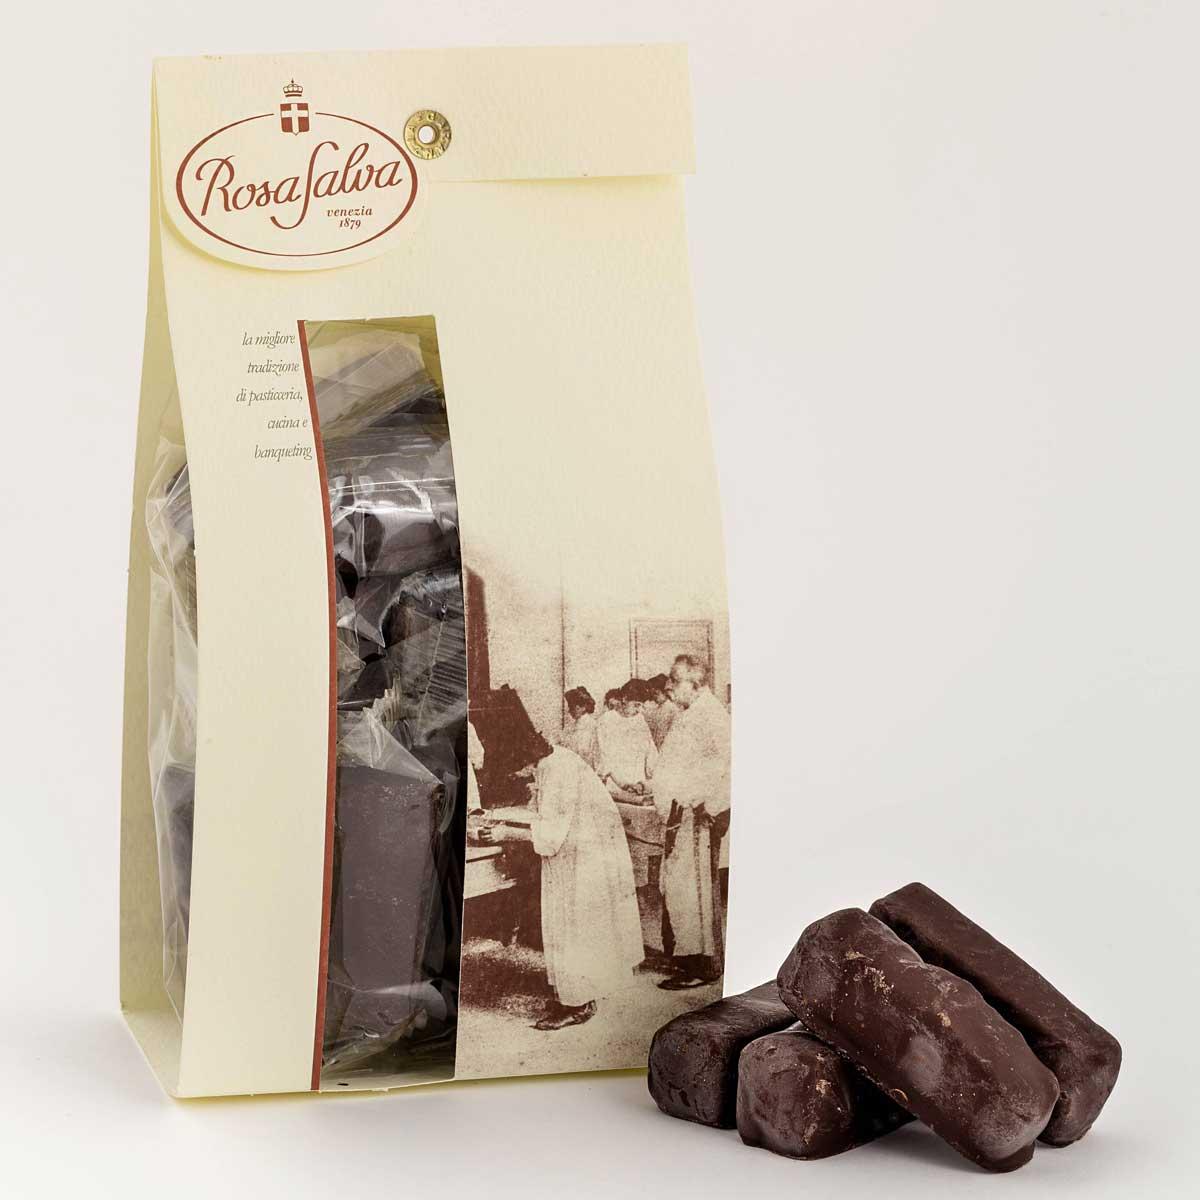 Torroncini nocciolotti al cioccolato